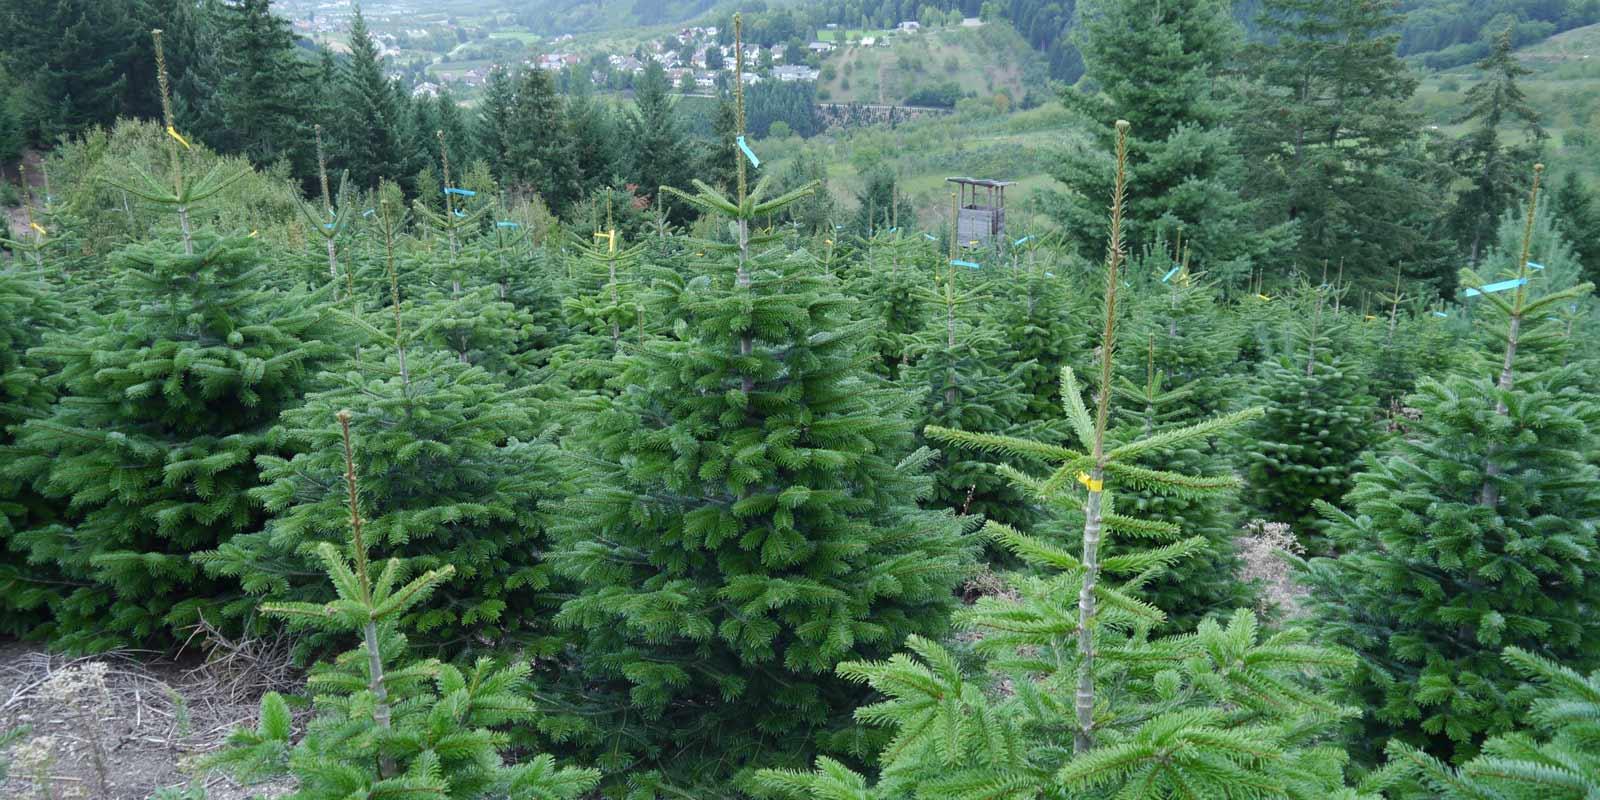 Weihnachtsbaum Samen.Ihr Perfekter Weihnachtsbaum Dehner